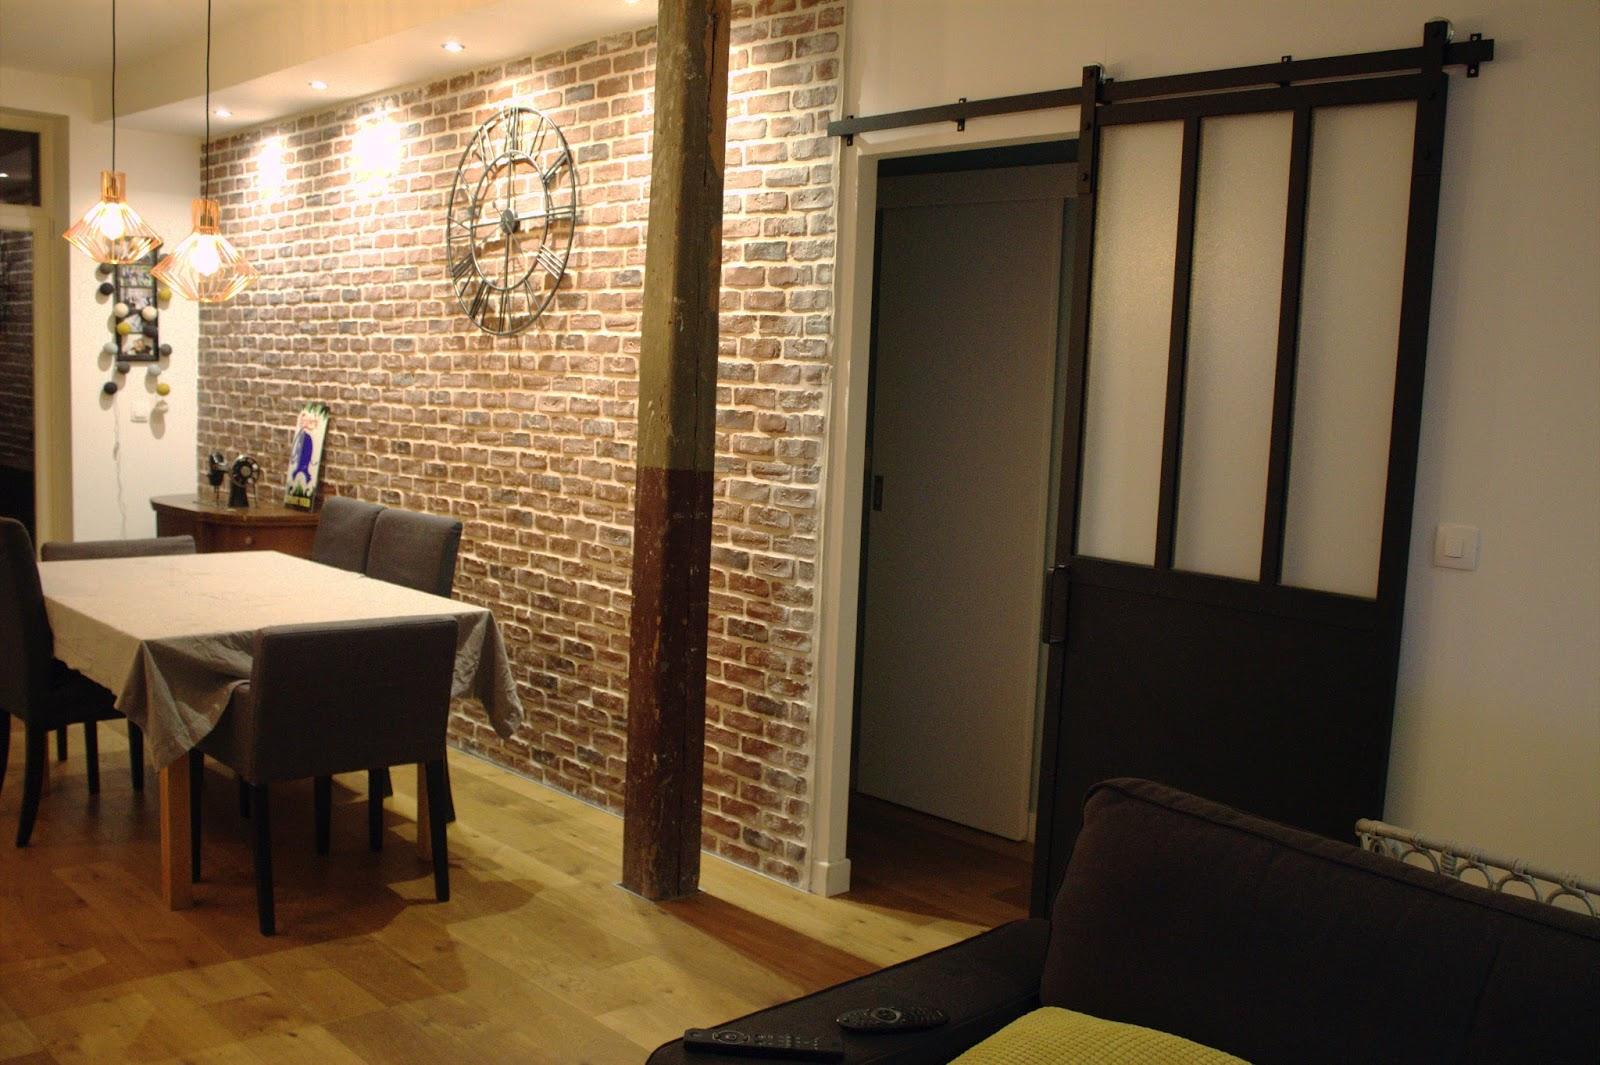 beau porte coulissante style industriel 2 verri232re int233rieure porte coulissante style atelier